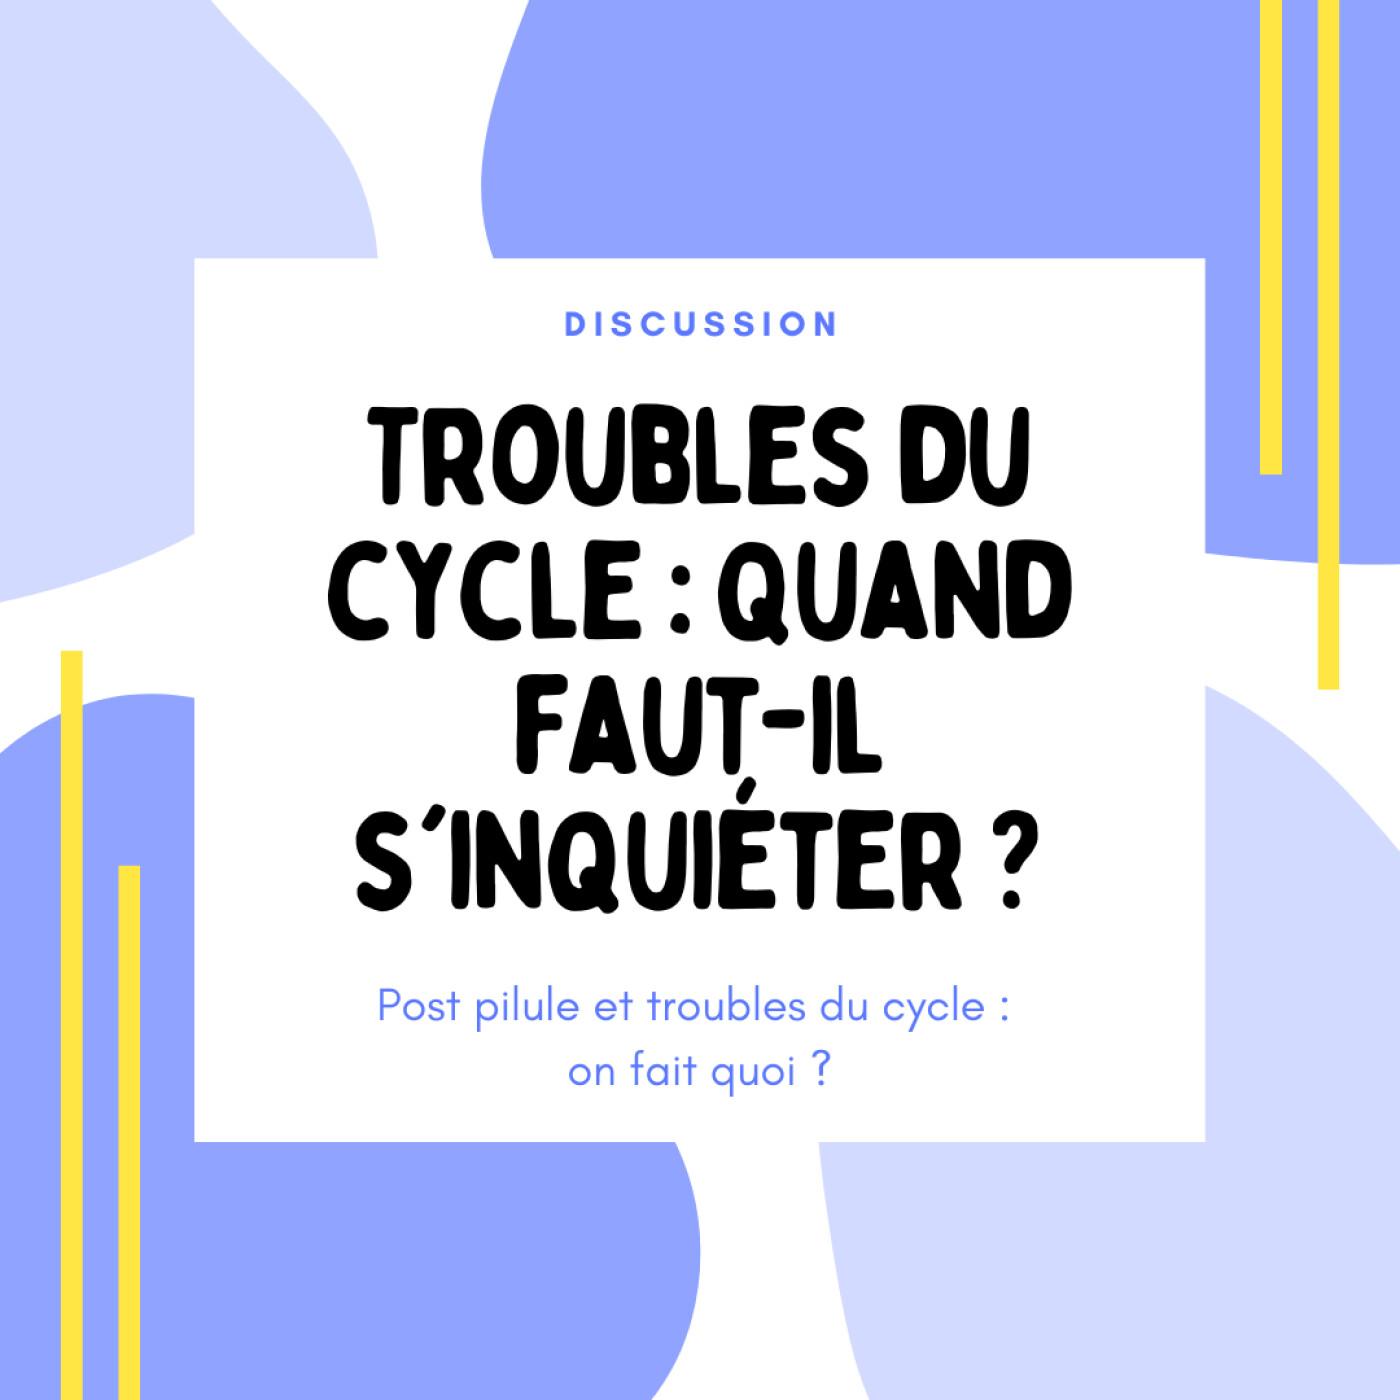 Troubles du cycle : Quand faut-il s'inquiéter ?